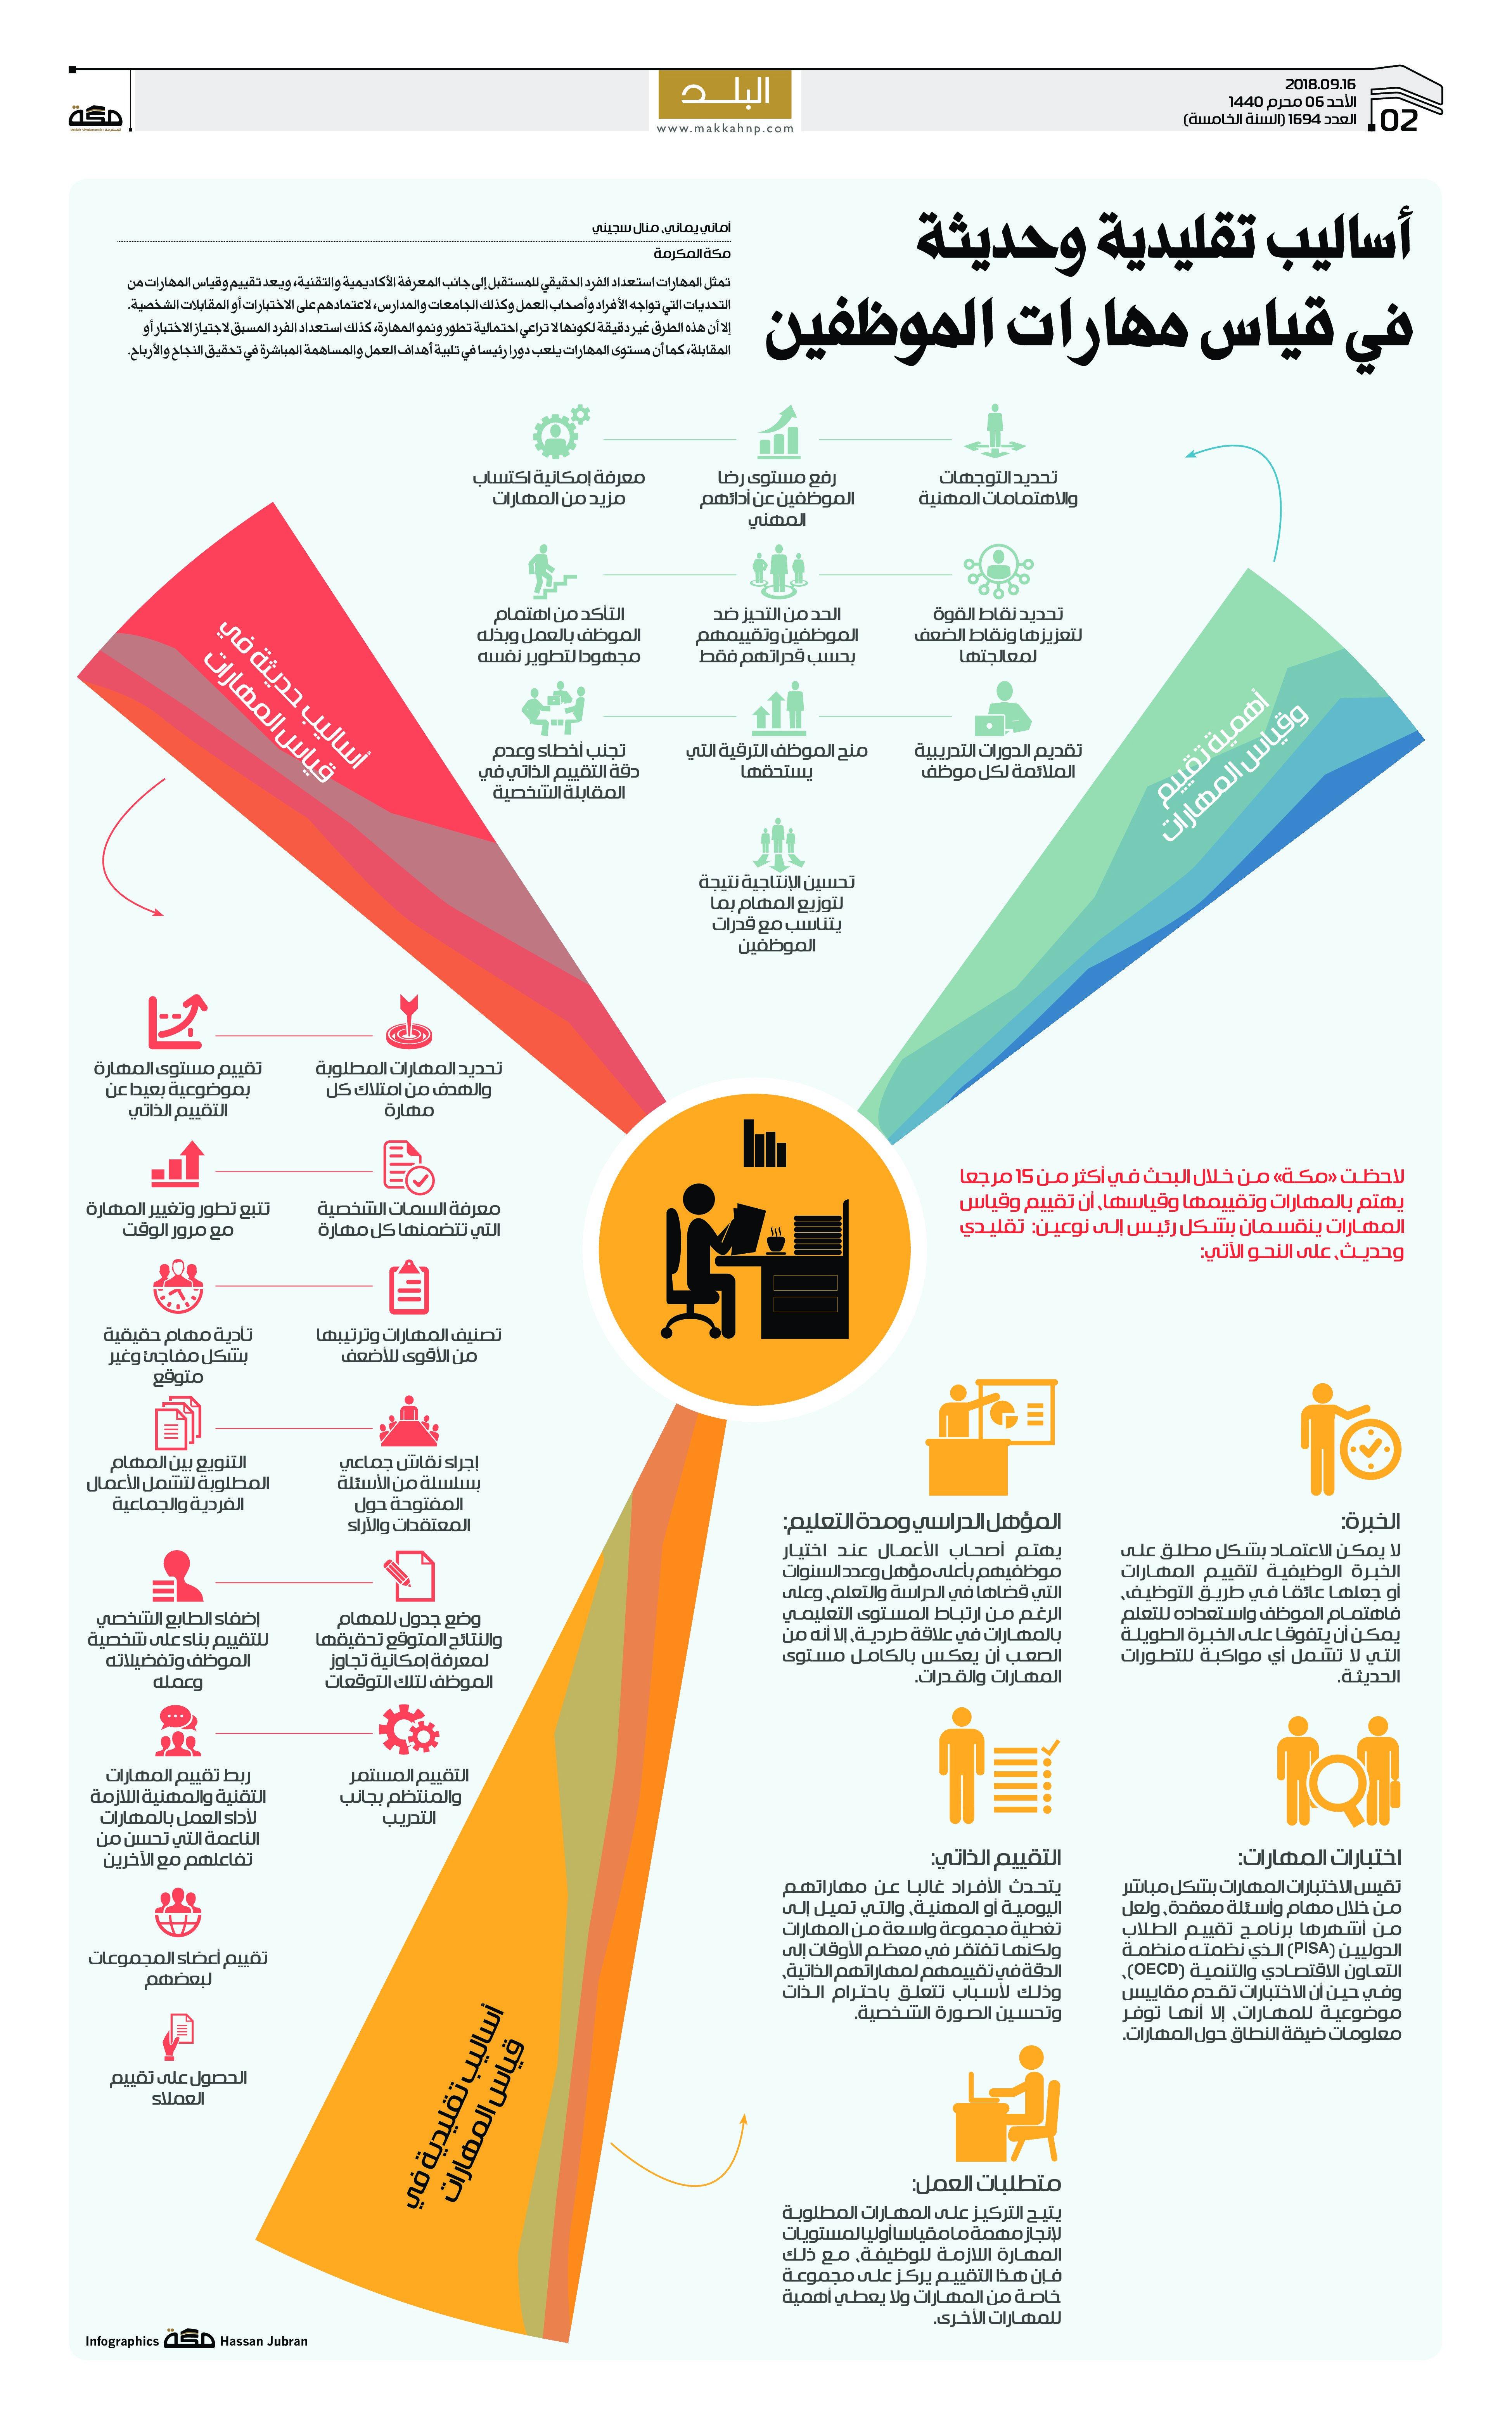 أساليب تقليدية وحديثة في قياس مهارات الموظفين صحيفةـمكة انفوجرافيك تحقيقات Infographic Graphic Design Map